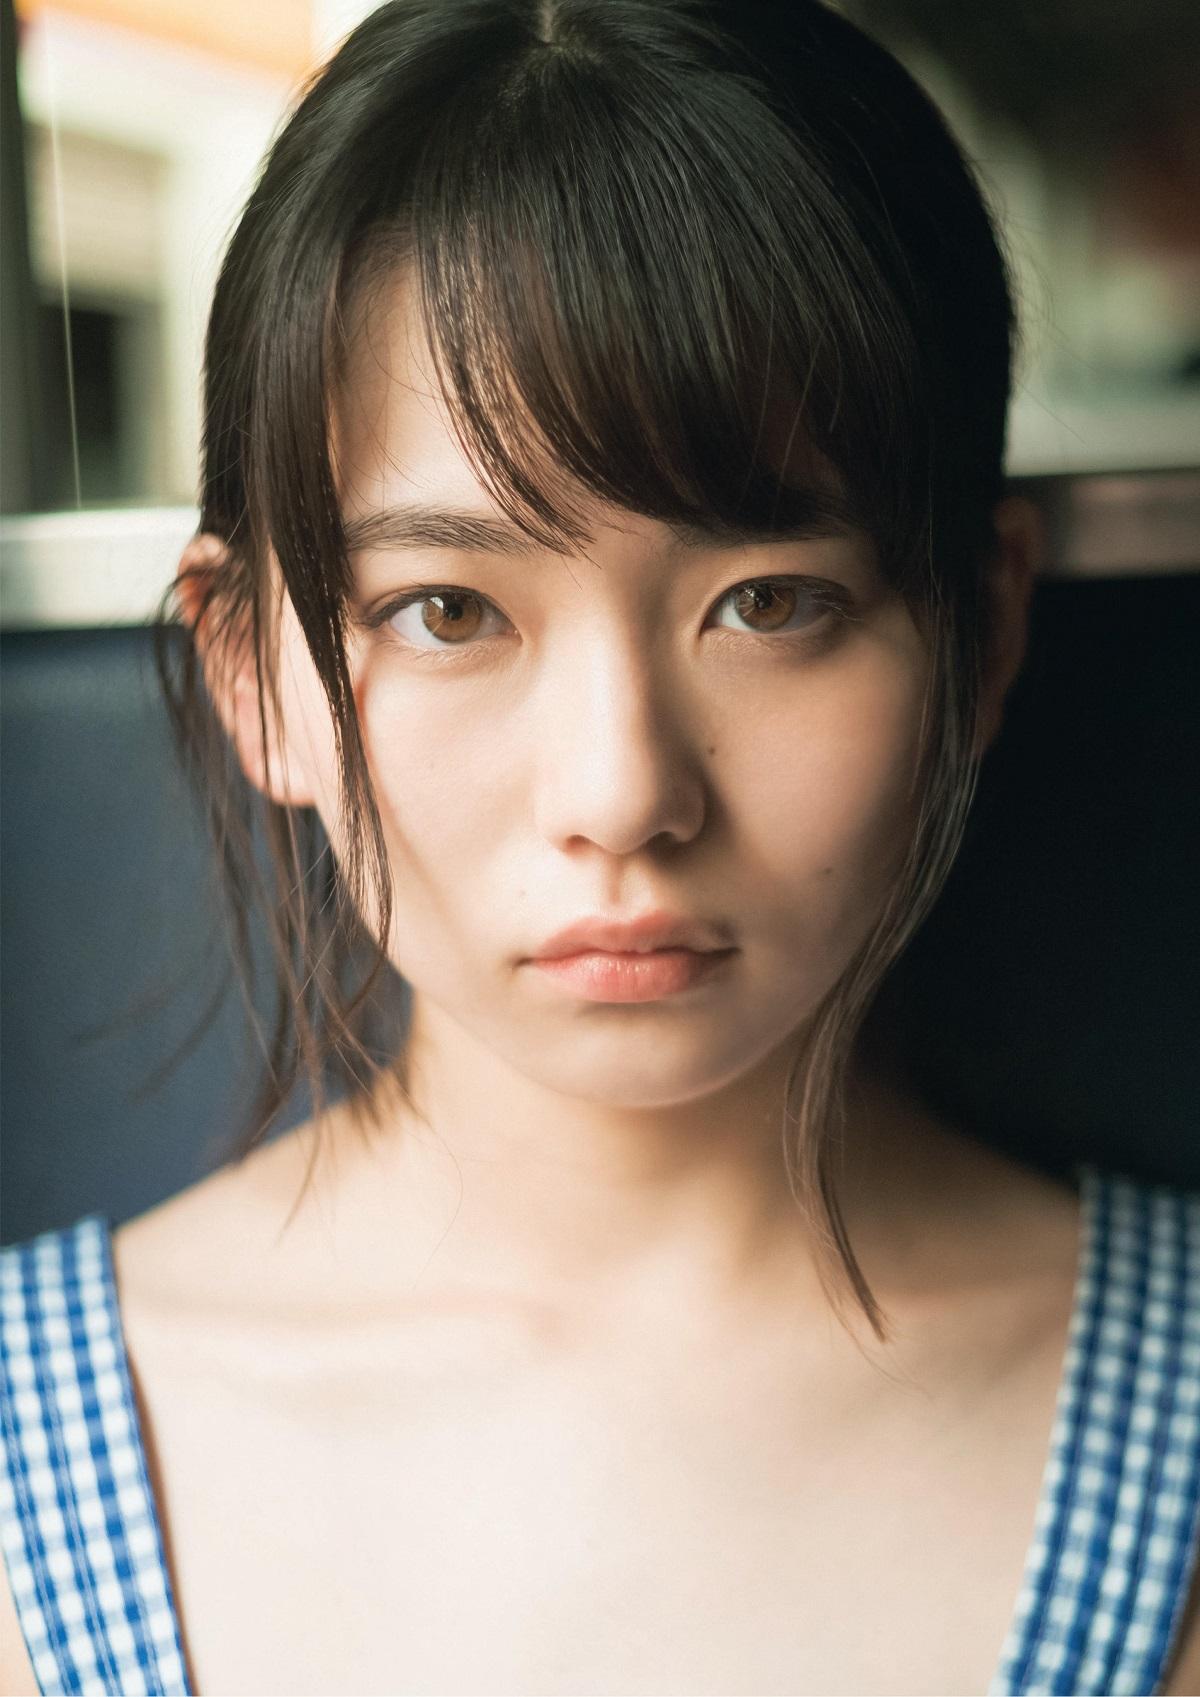 山田杏奈「ひらいて」主演 屈折した恋心抱く高校生役 「彼女が嫌いですが、愛さずにはいられませんでした」